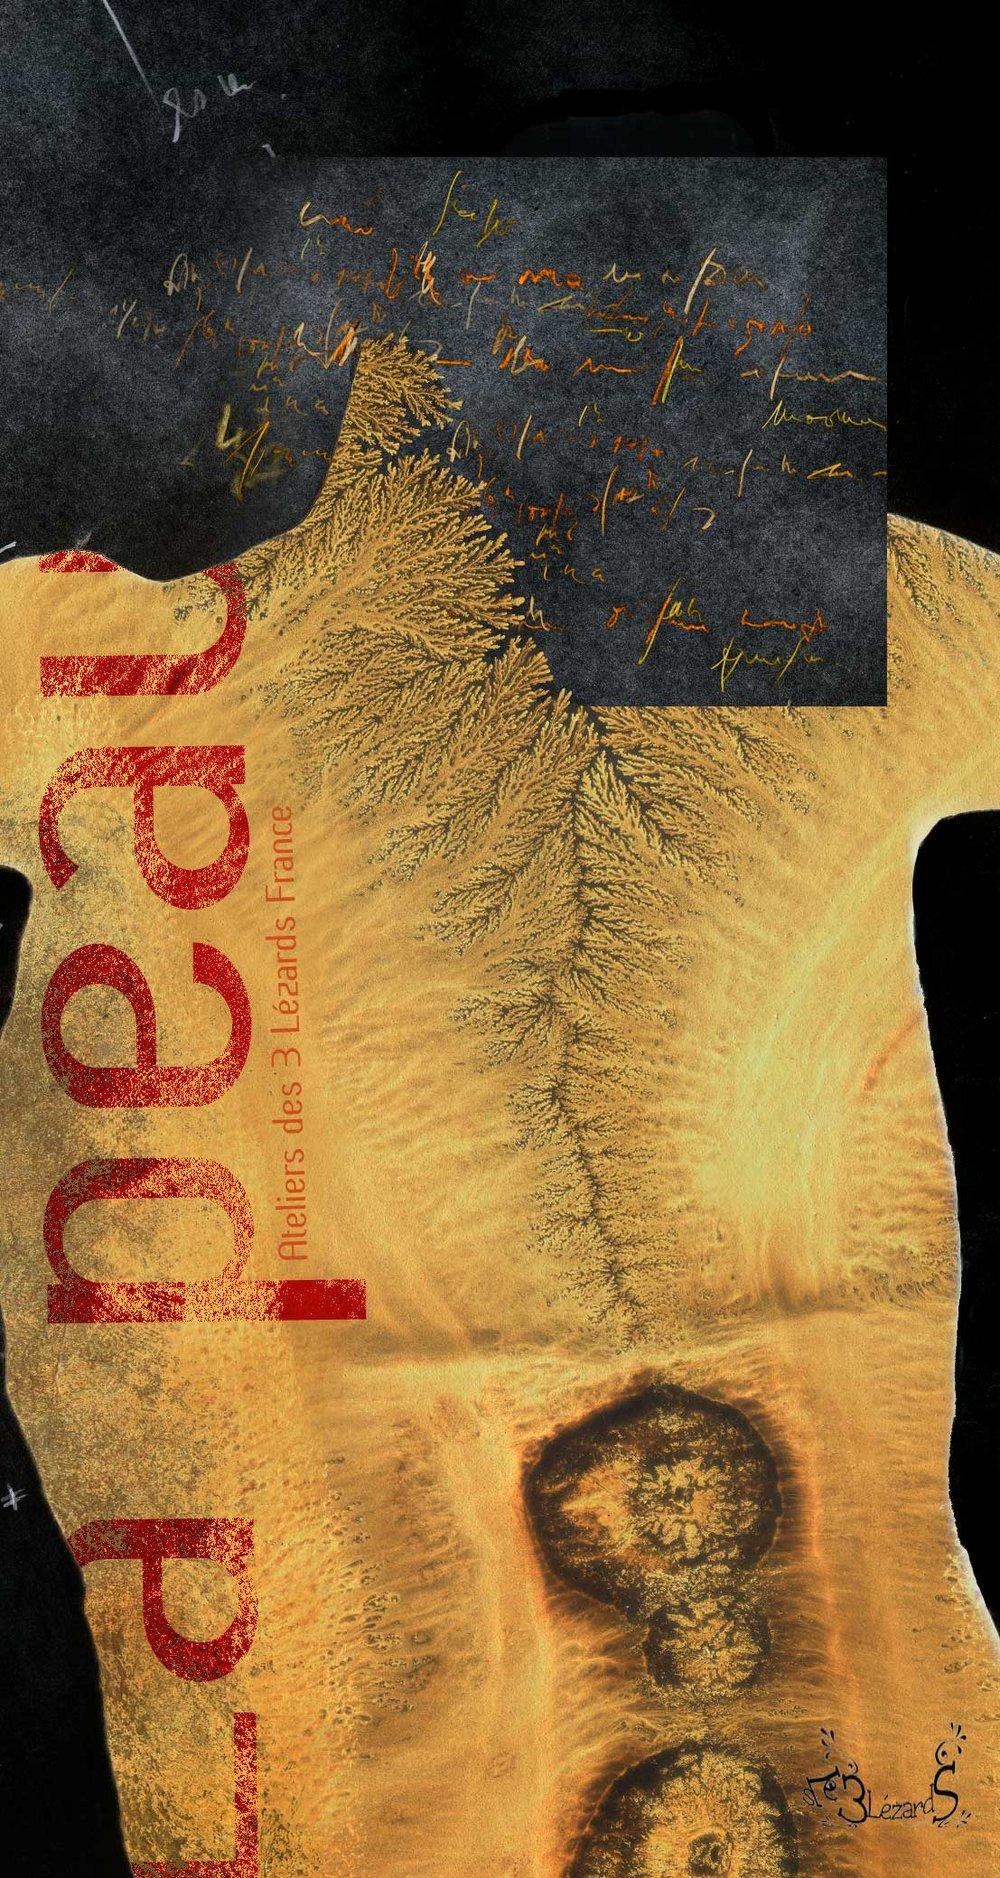 la-peau1-weeb còpia.jpg